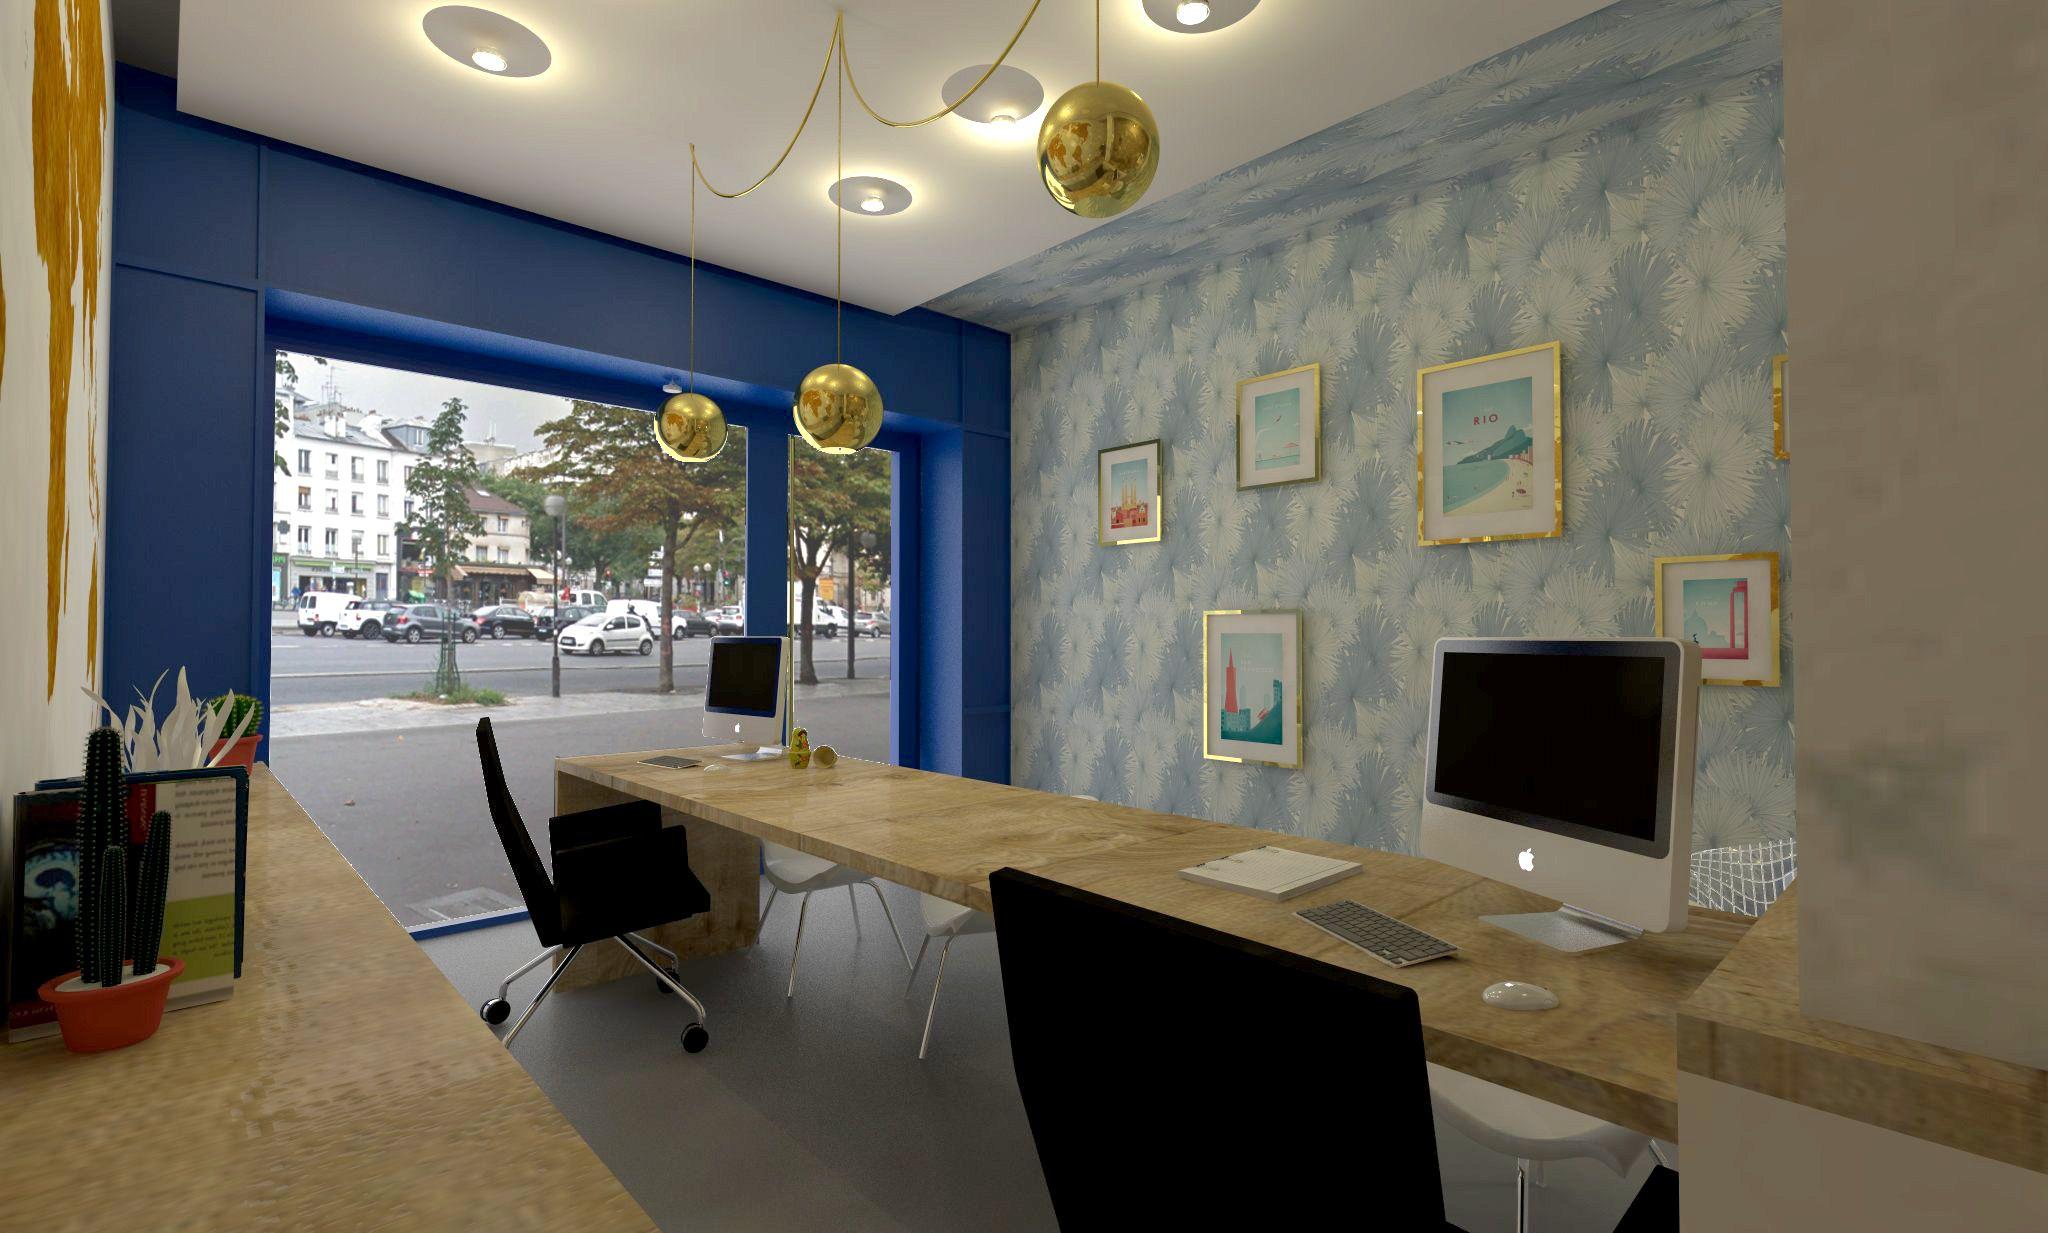 Papier Peint Pour Bureau 10h10, dixheuresdix, architecture, architecture intérieure